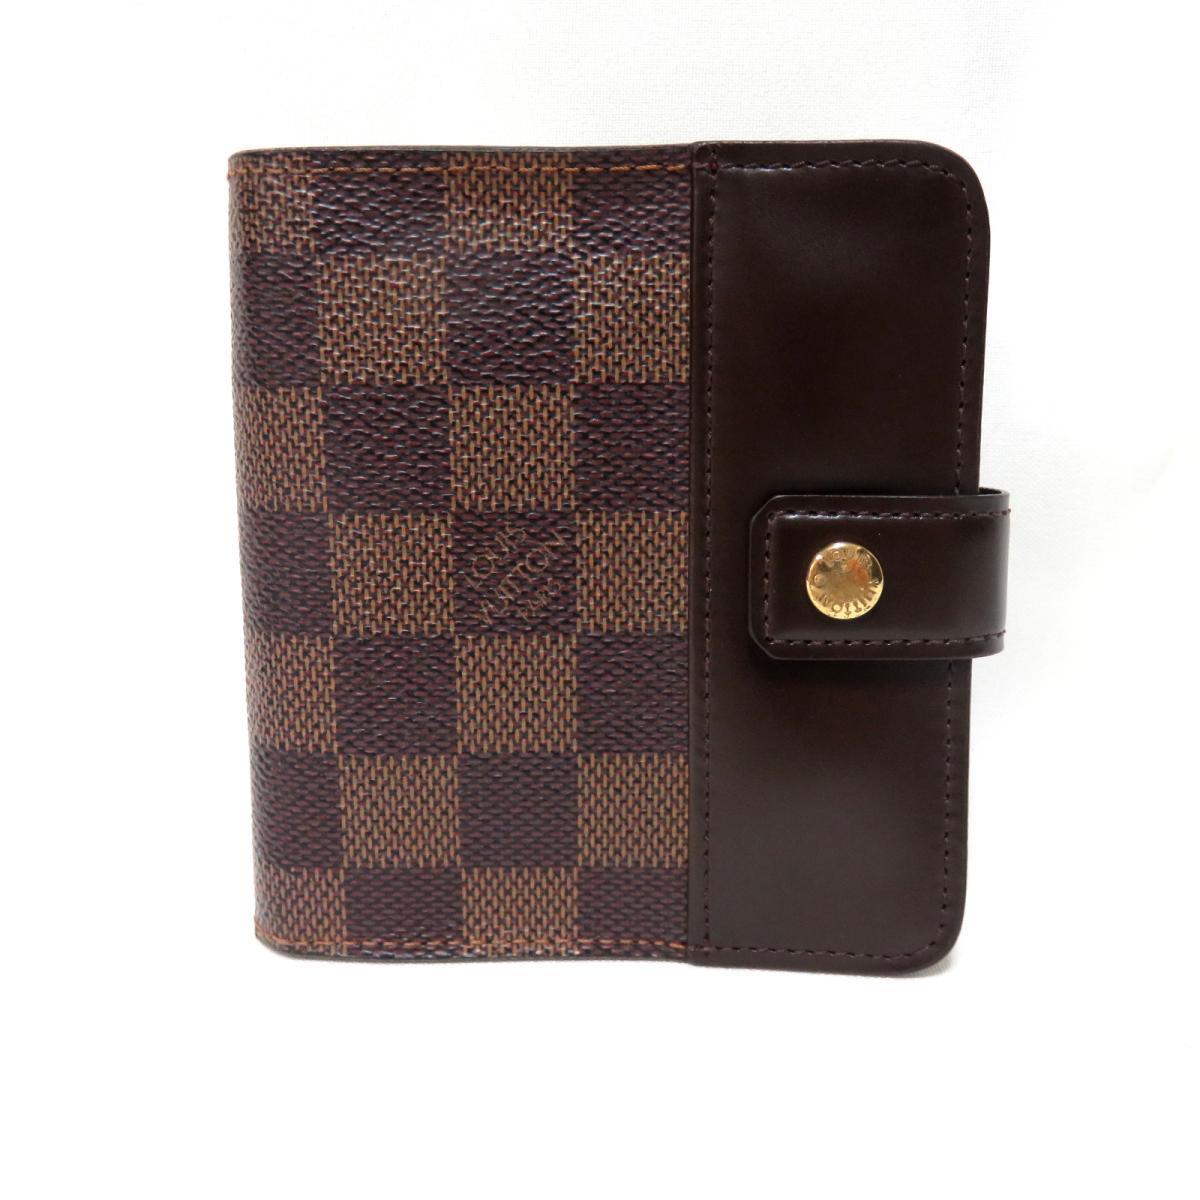 コンパクト・ジップ 二つ折りコンパクト折財布 財布